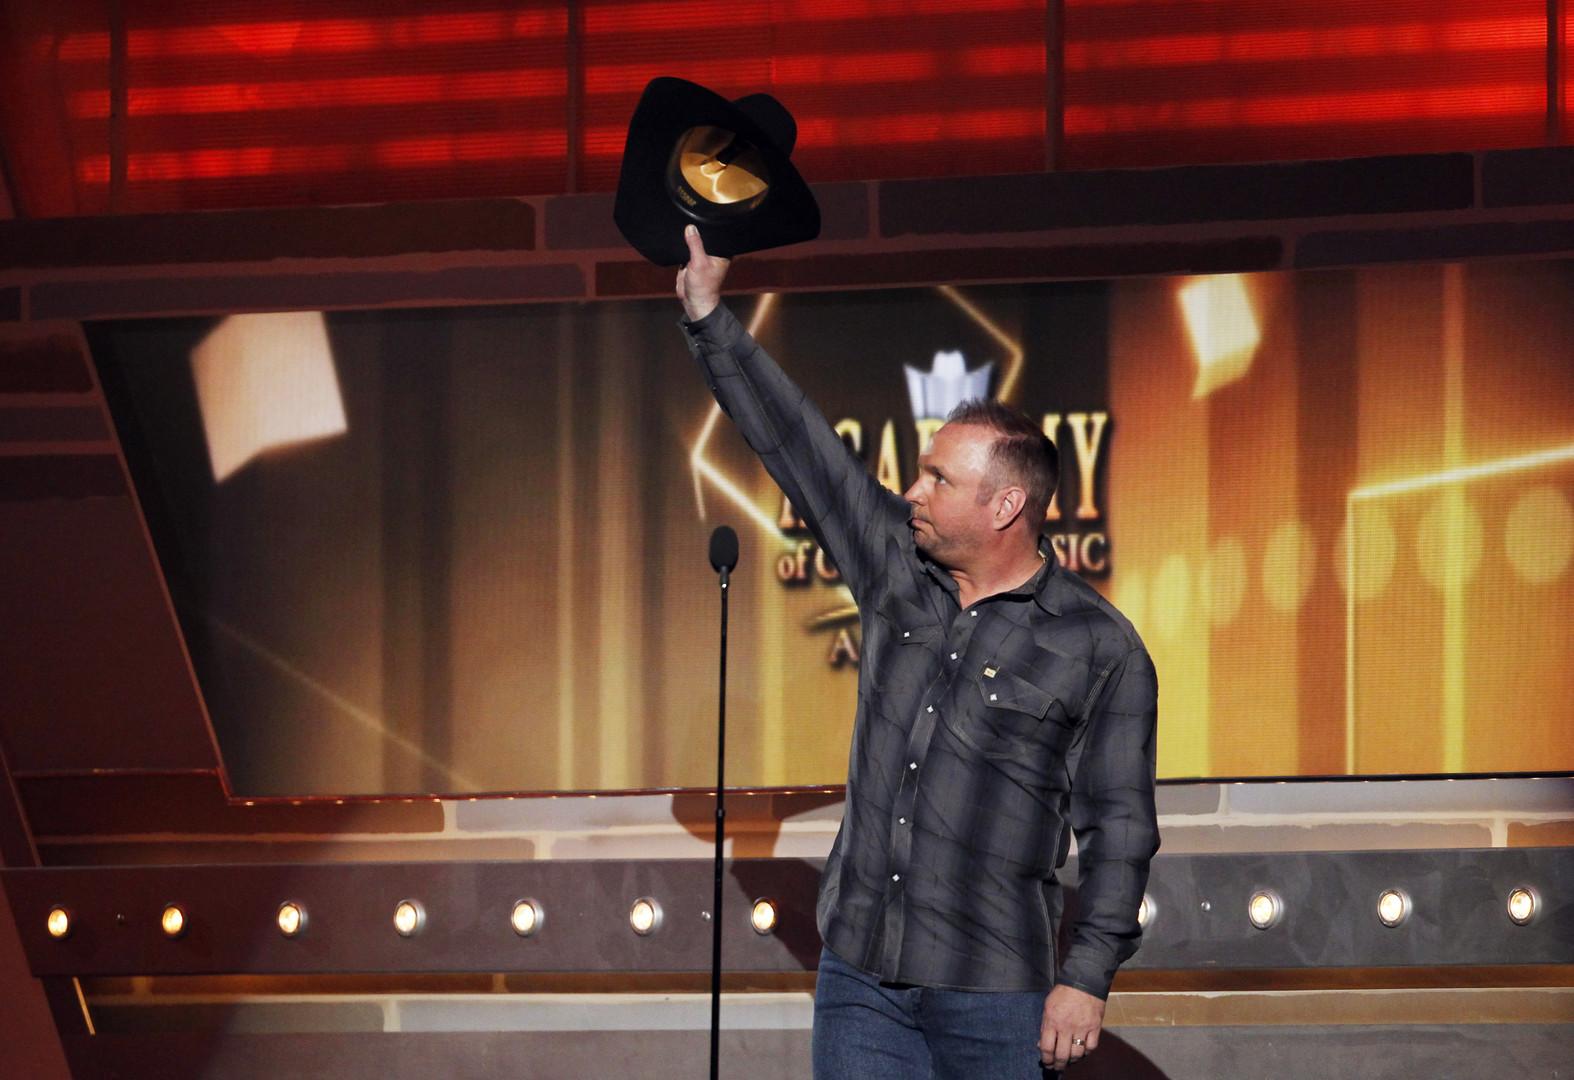 Der Country-Sänger Garth Brooks habe sich auch nicht von Steve Will überreden lassen und bleibt Trumps Inauguration fern.